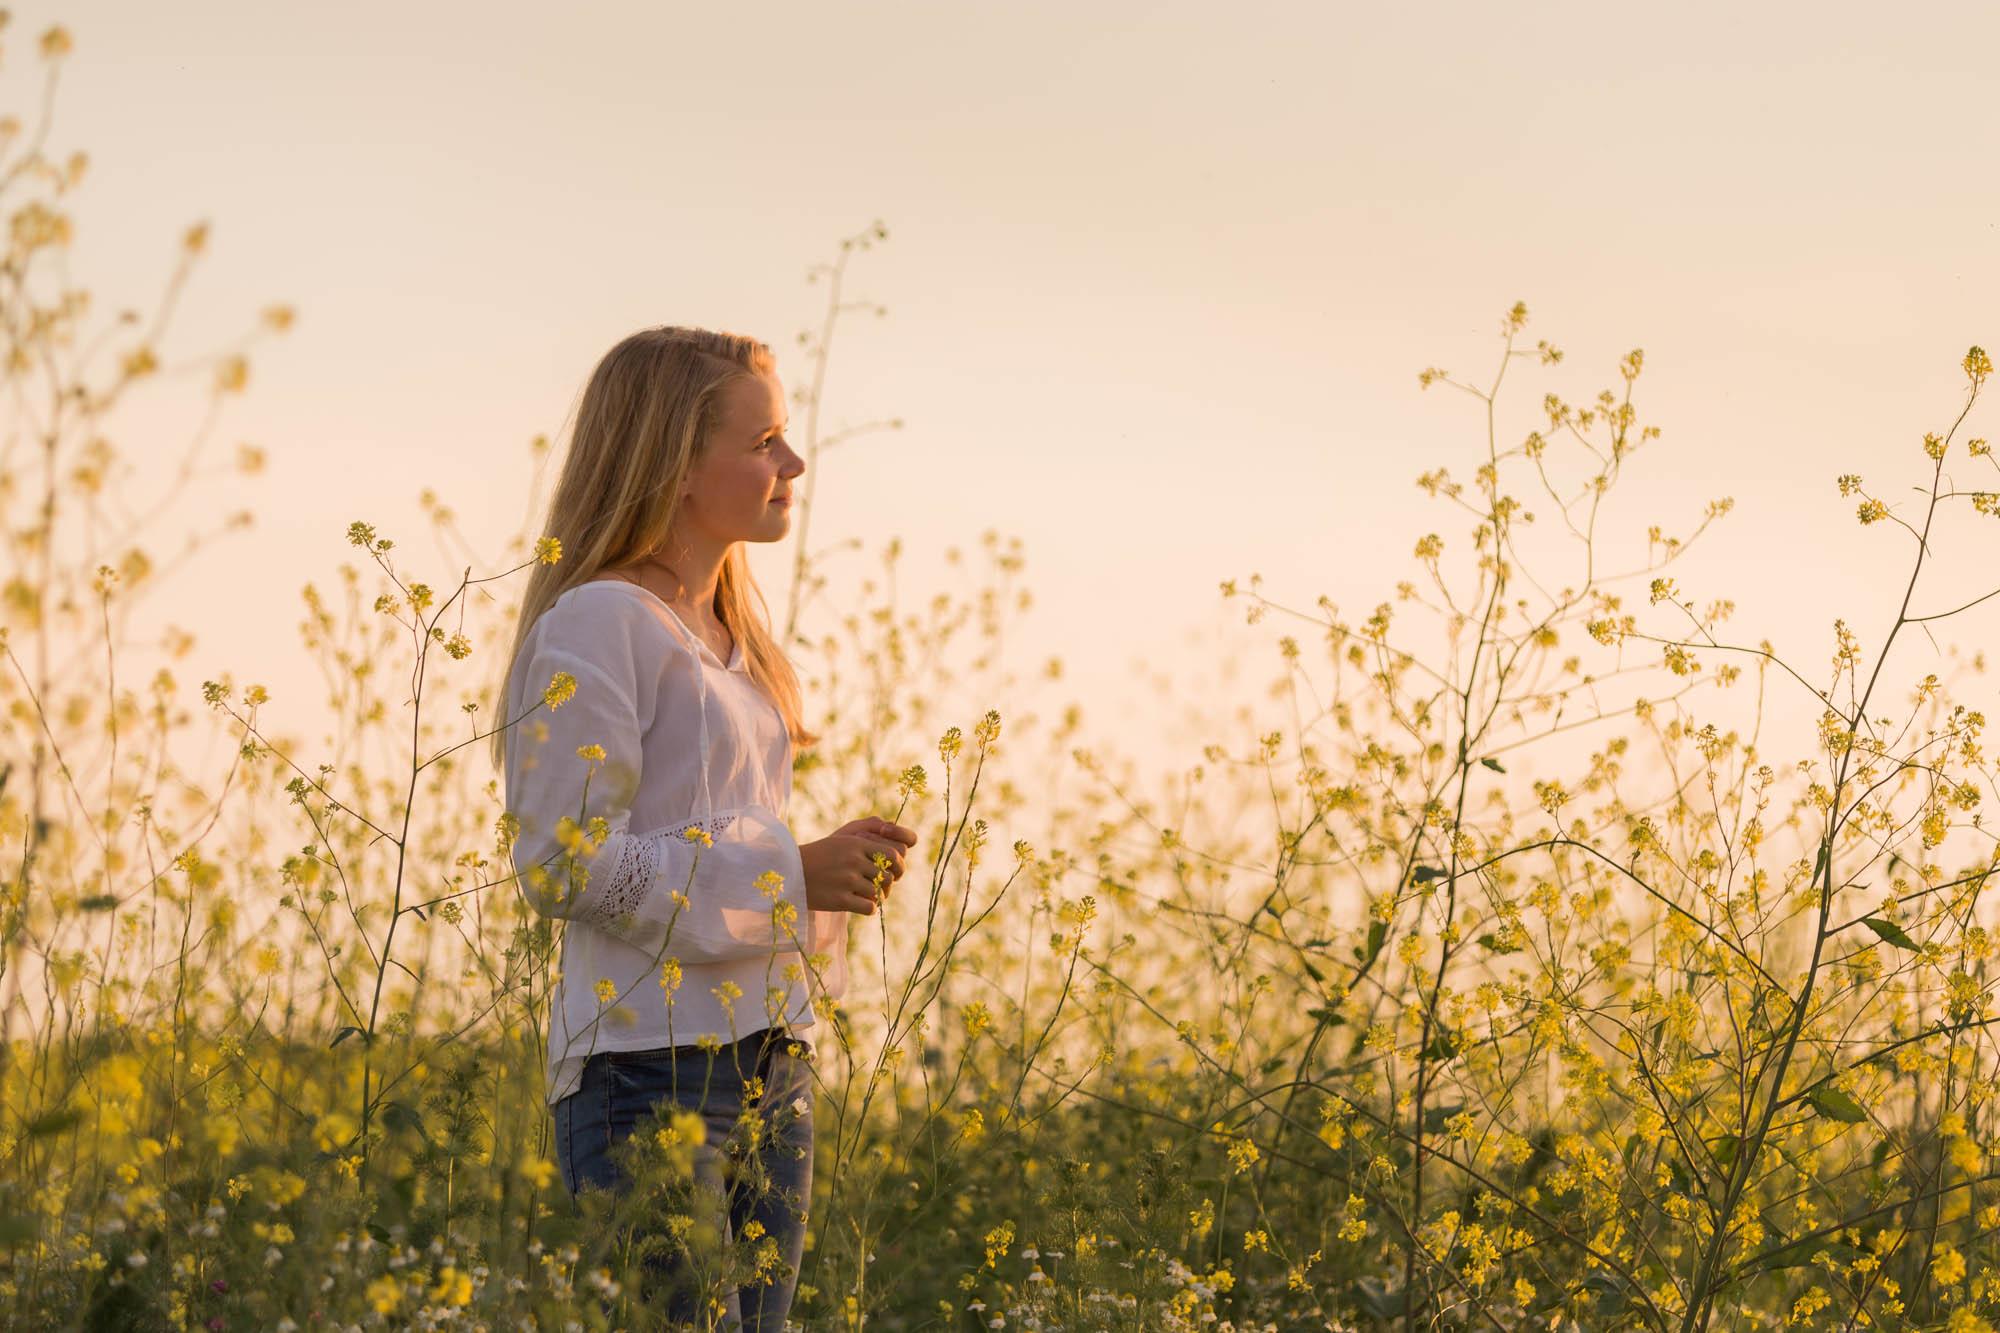 Romantisch portret van blond meisje tussen geel koolzaad door MayraFotografie